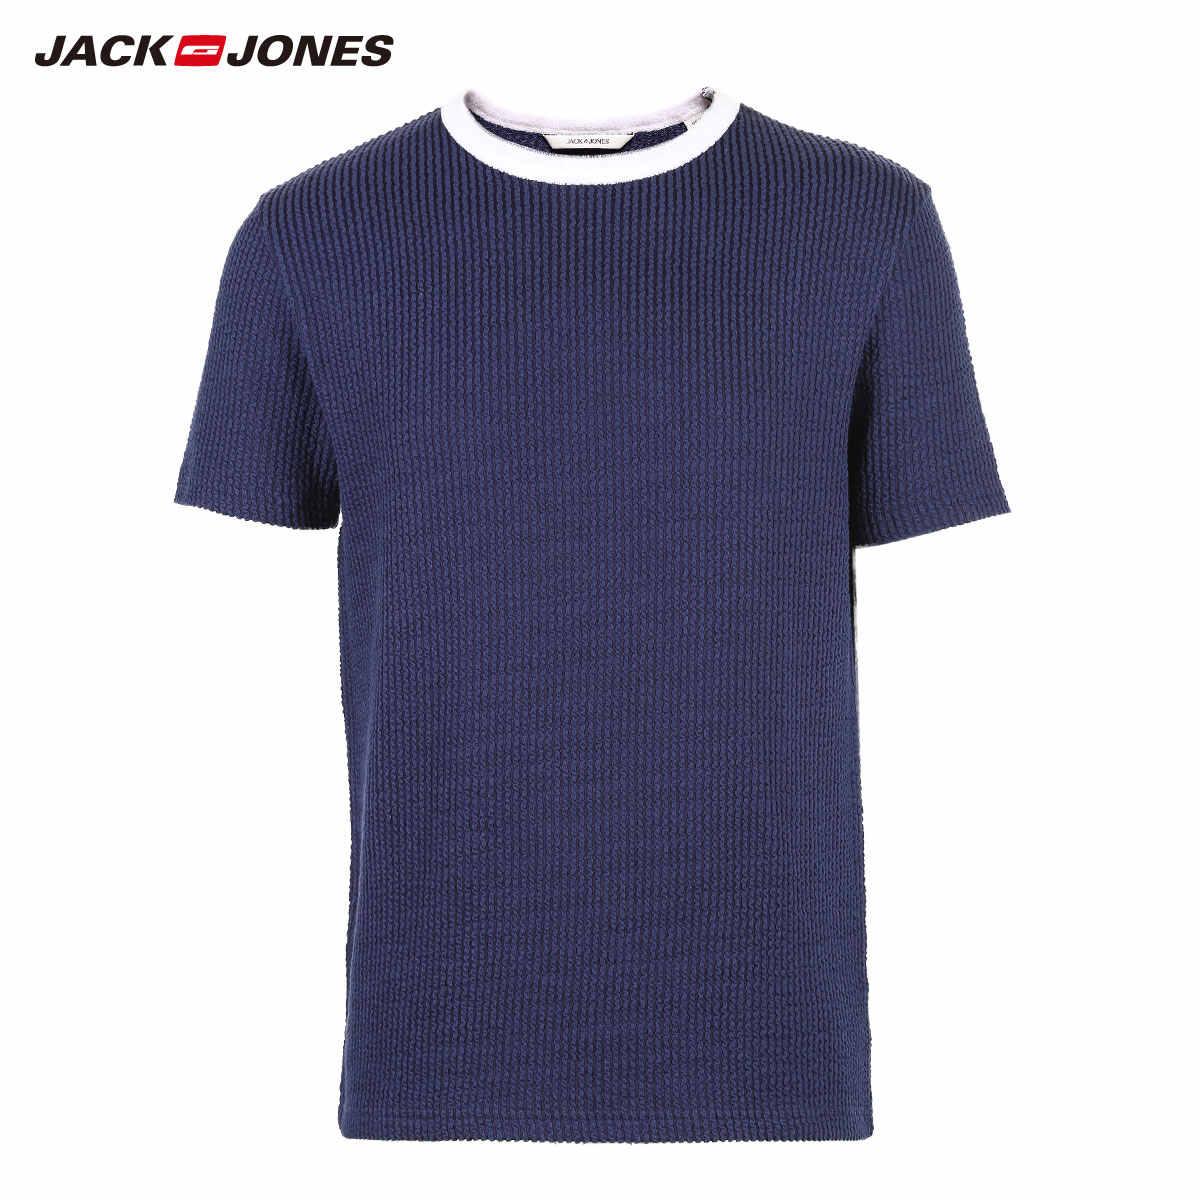 Jack Jonesชายตัดลายแขนสั้นสวมใส่   2191HE503